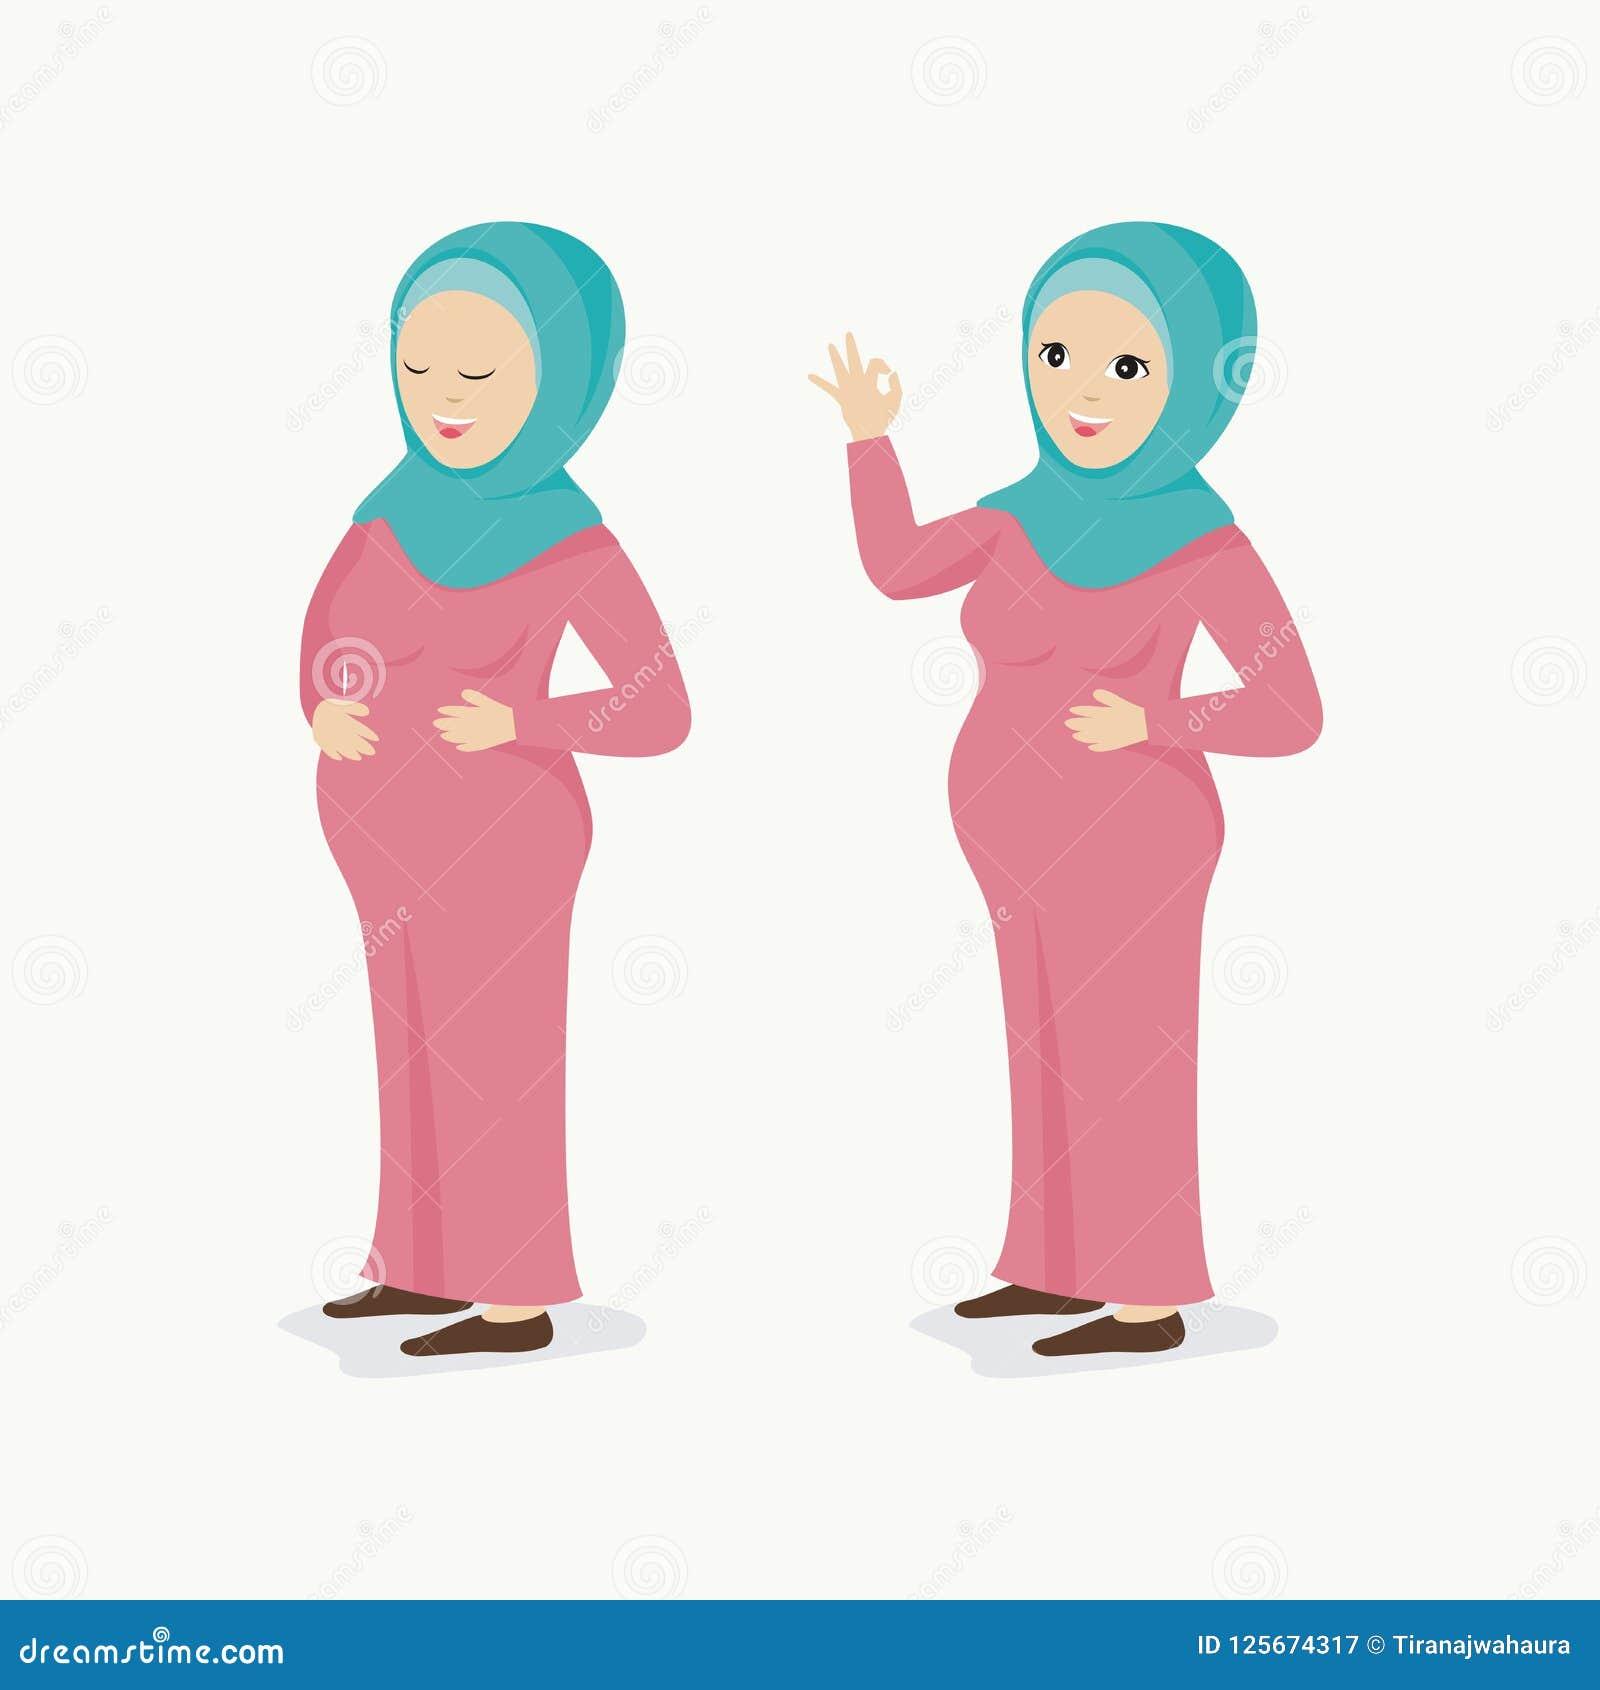 Η έγκυος μουσουλμανική γυναίκα, με τον καλό χαρακτήρα σε δύο θέτει